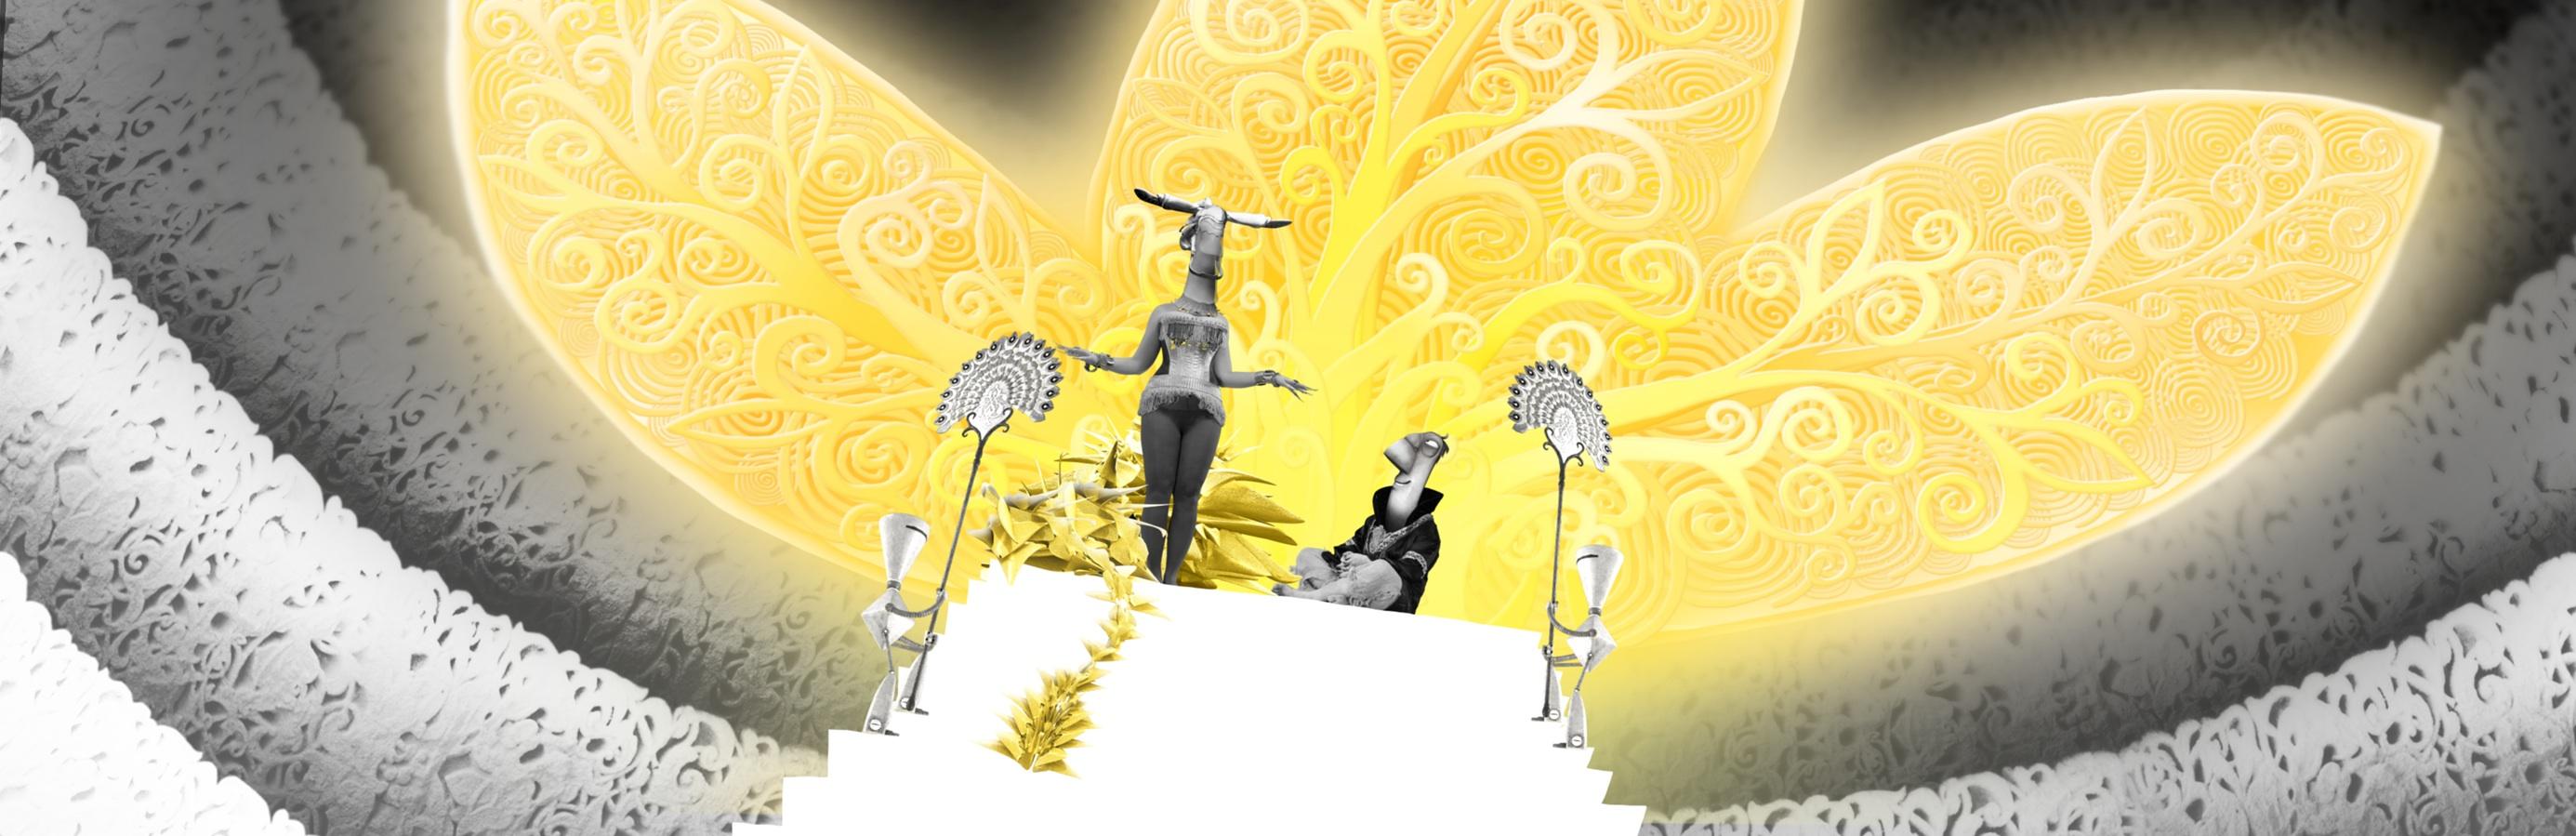 На ОФМК покажут Девочку с рыбьим хвостом и Магазин певчих птиц